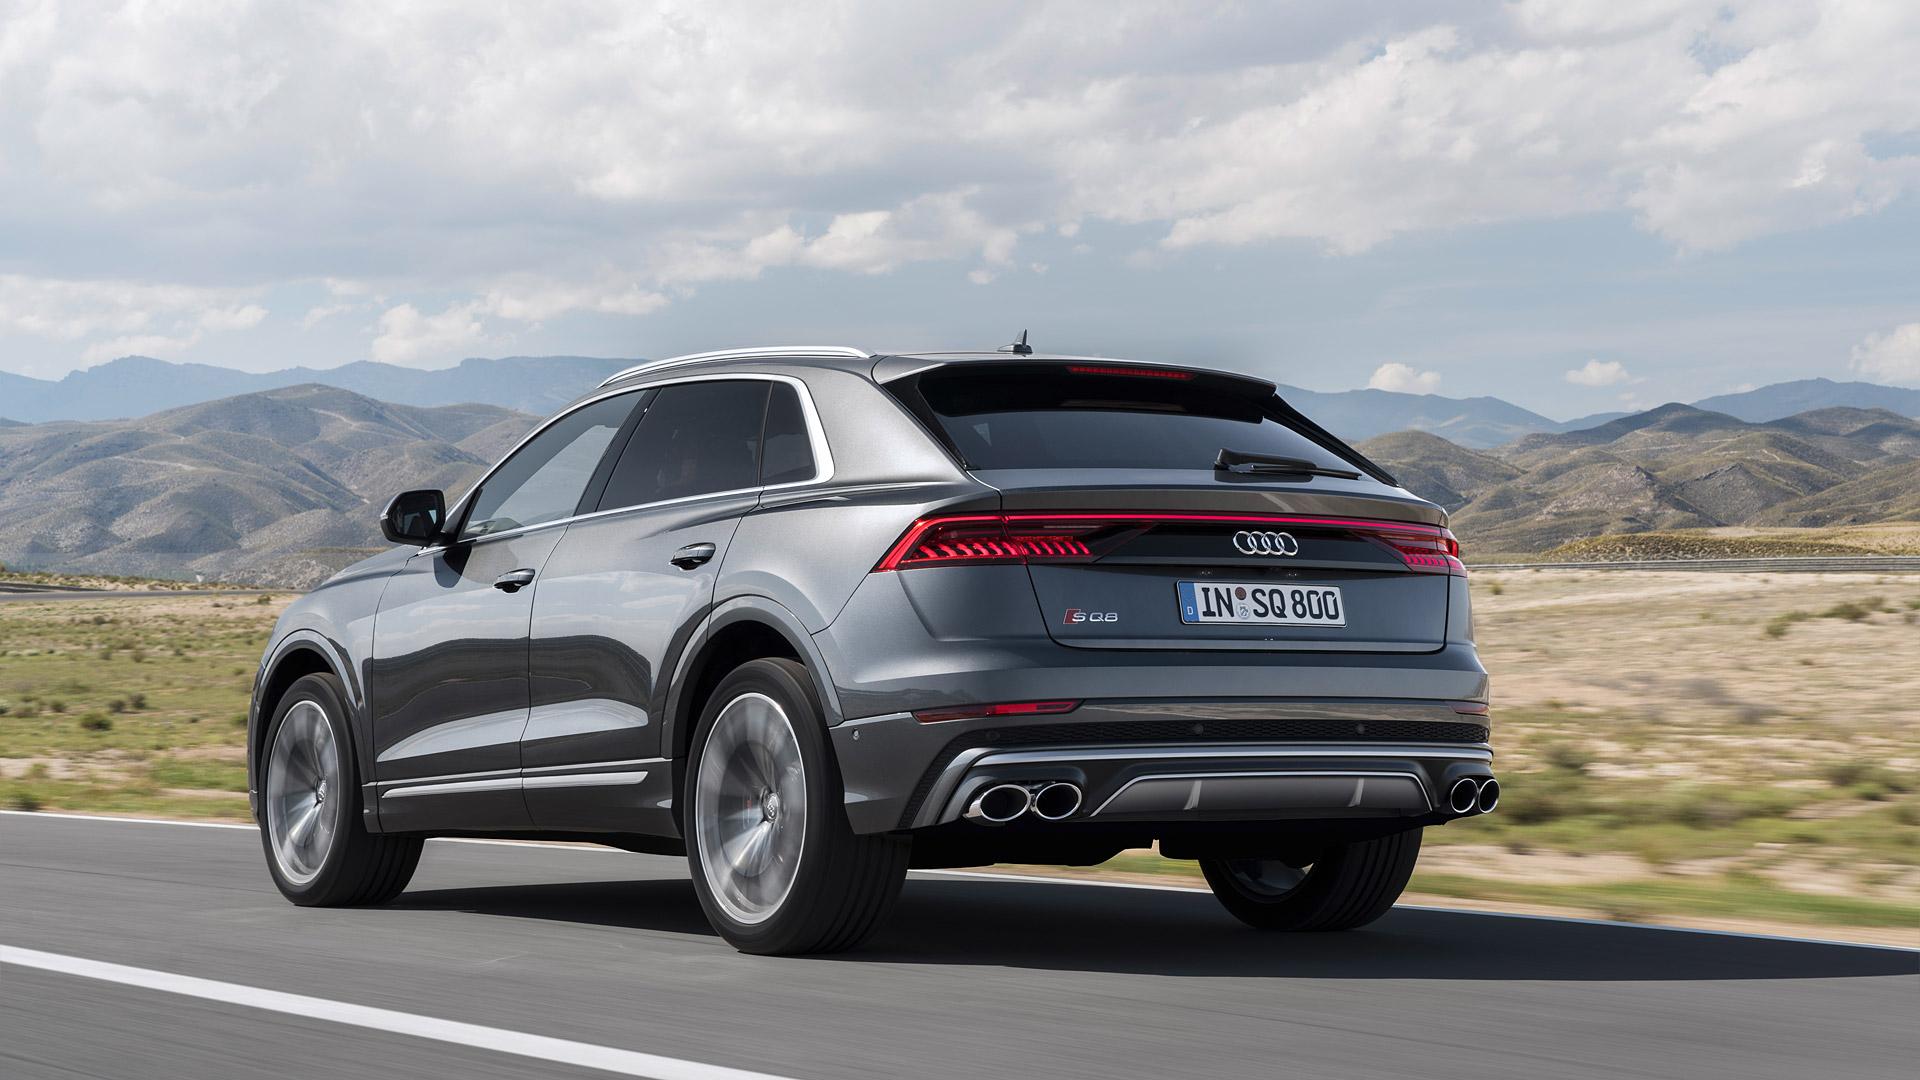 2020 Audi SQ8 Wallpapers Specs Videos   4K HD   WSupercars 1920x1080